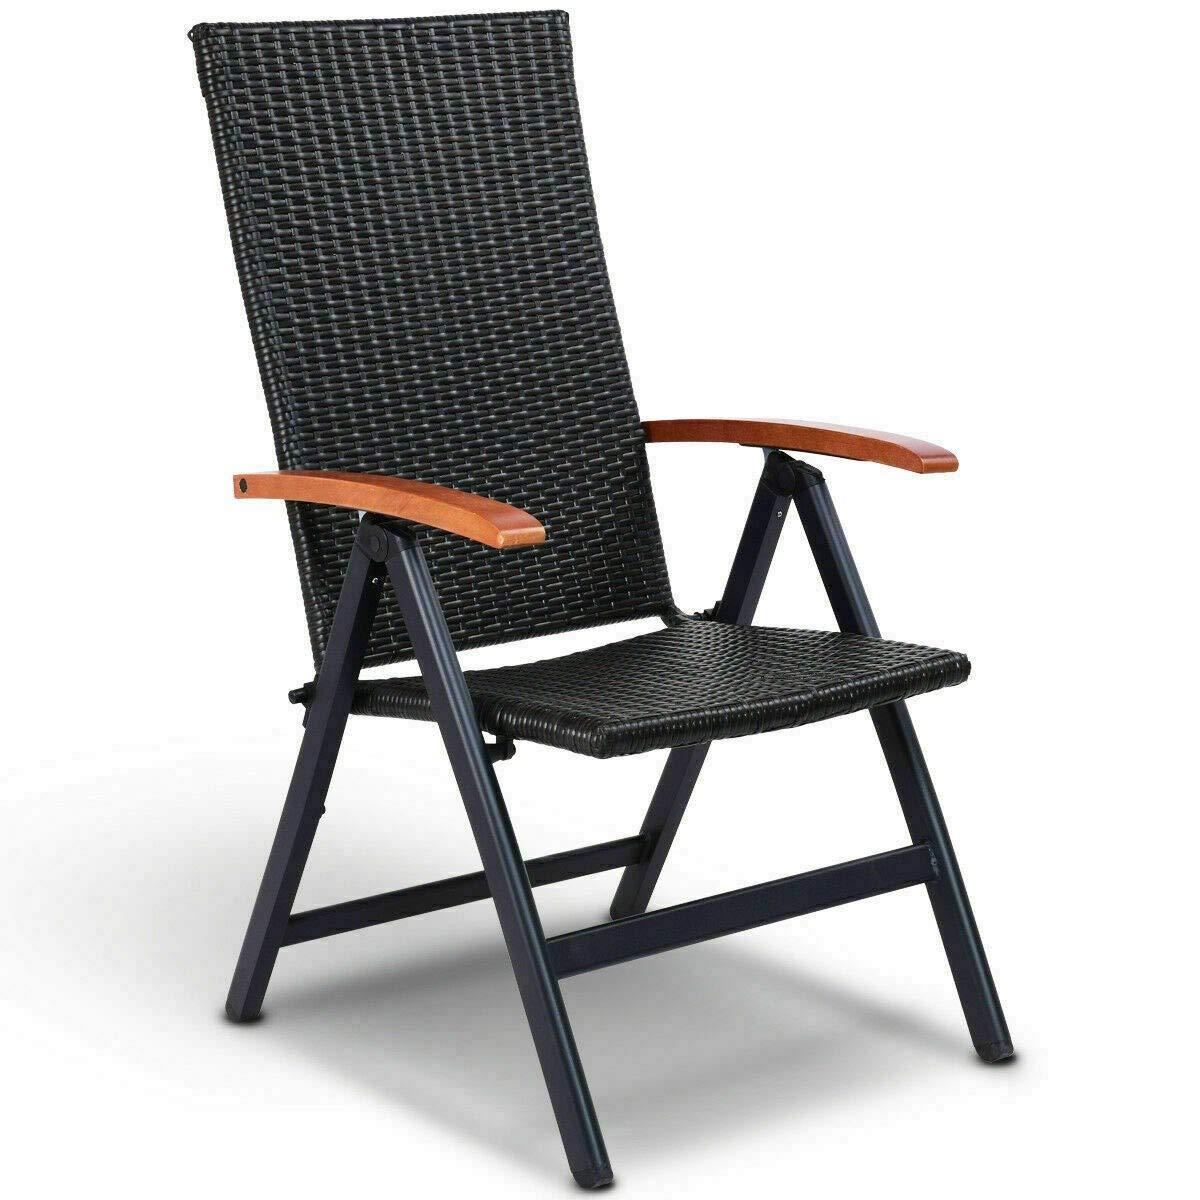 Amazon.com: Kanizz - Silla reclinable de jardín con respaldo ...